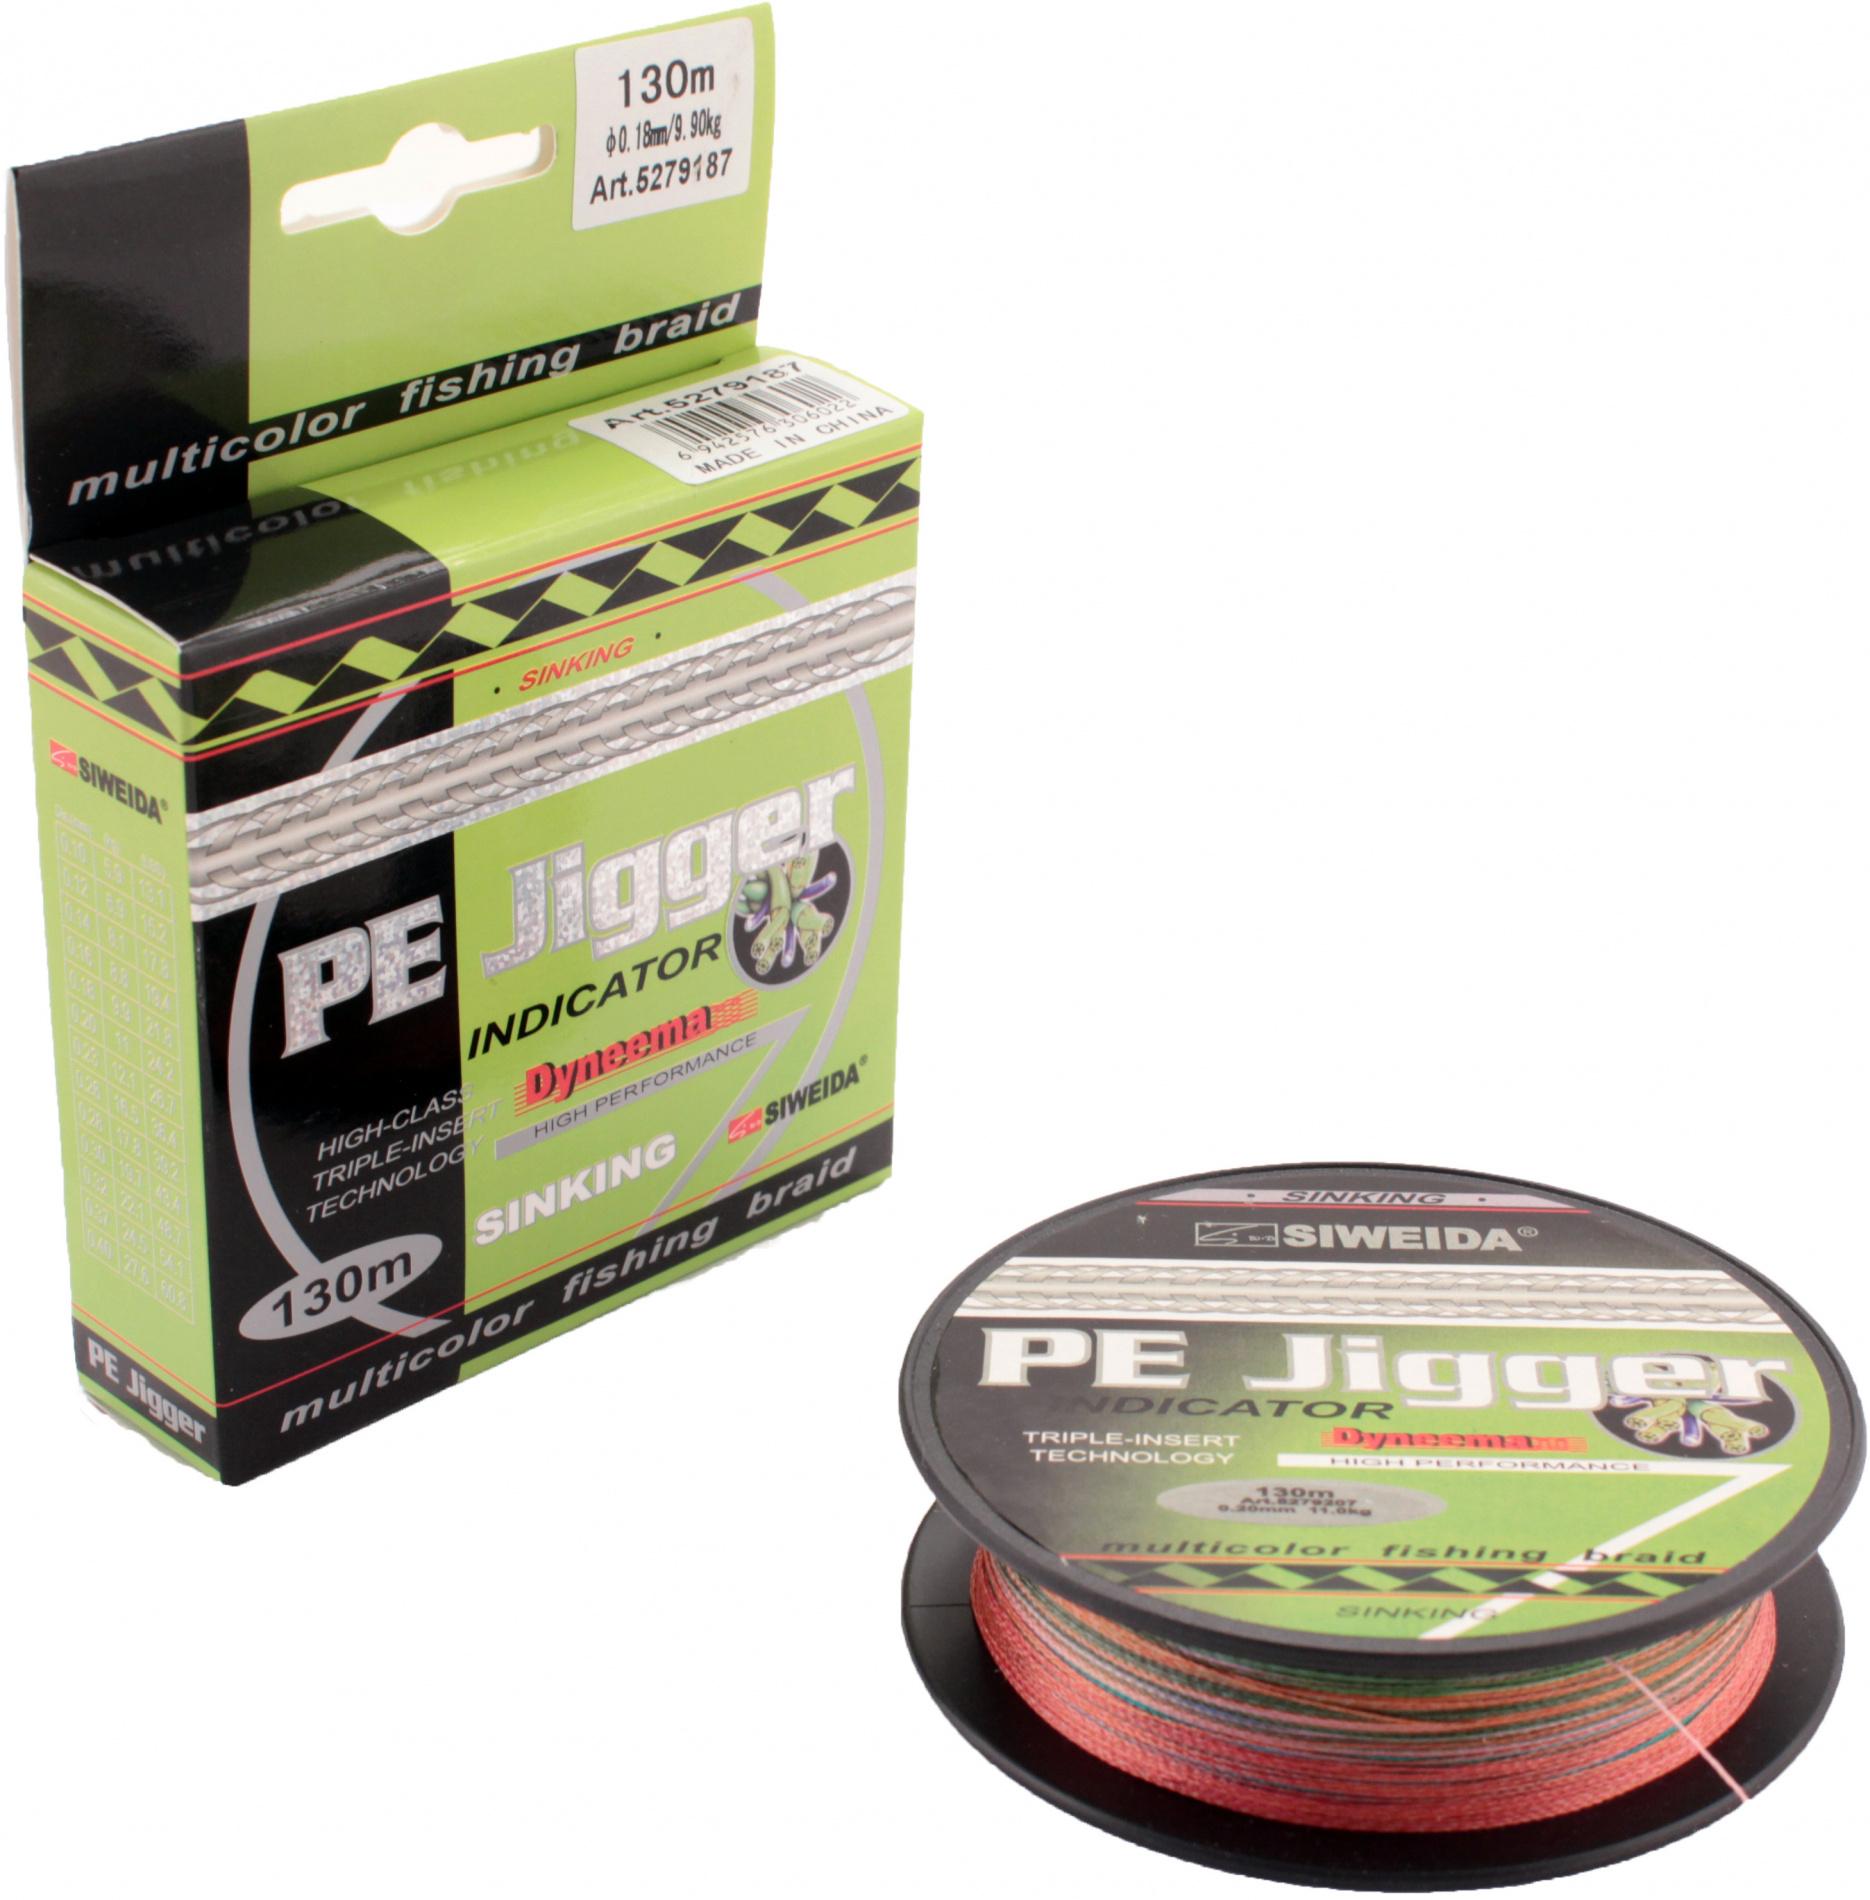 Леска плетеная SWD PE JIGGER INDICATOR 0,37 130м multicolor Леска плетеная<br>Пятицветный тонущий плетеный шнур, изготовленный <br>из волокна DYNEEMA, сечением 0,37мм (разрывная <br>нагрузка 24,50кг) и длиной 130м. Благодаря микроволокнам <br>полиэтилена (Super PE) шнур имеет очень плотное <br>плетение, не впитывает воду, имеет гладкую <br>поверхность и одинаковое сечение по всей <br>длине. Отличается практически нулевой растяжимостью, <br>что позволяет полностью контролировать <br>спиннинговую приманку. Длина куска одного <br>цвета - 10м. Это позволяет рыболовам точно <br>контролировать дальность заброса приманки. <br>Подходит для всех видов ловли хищника.<br>